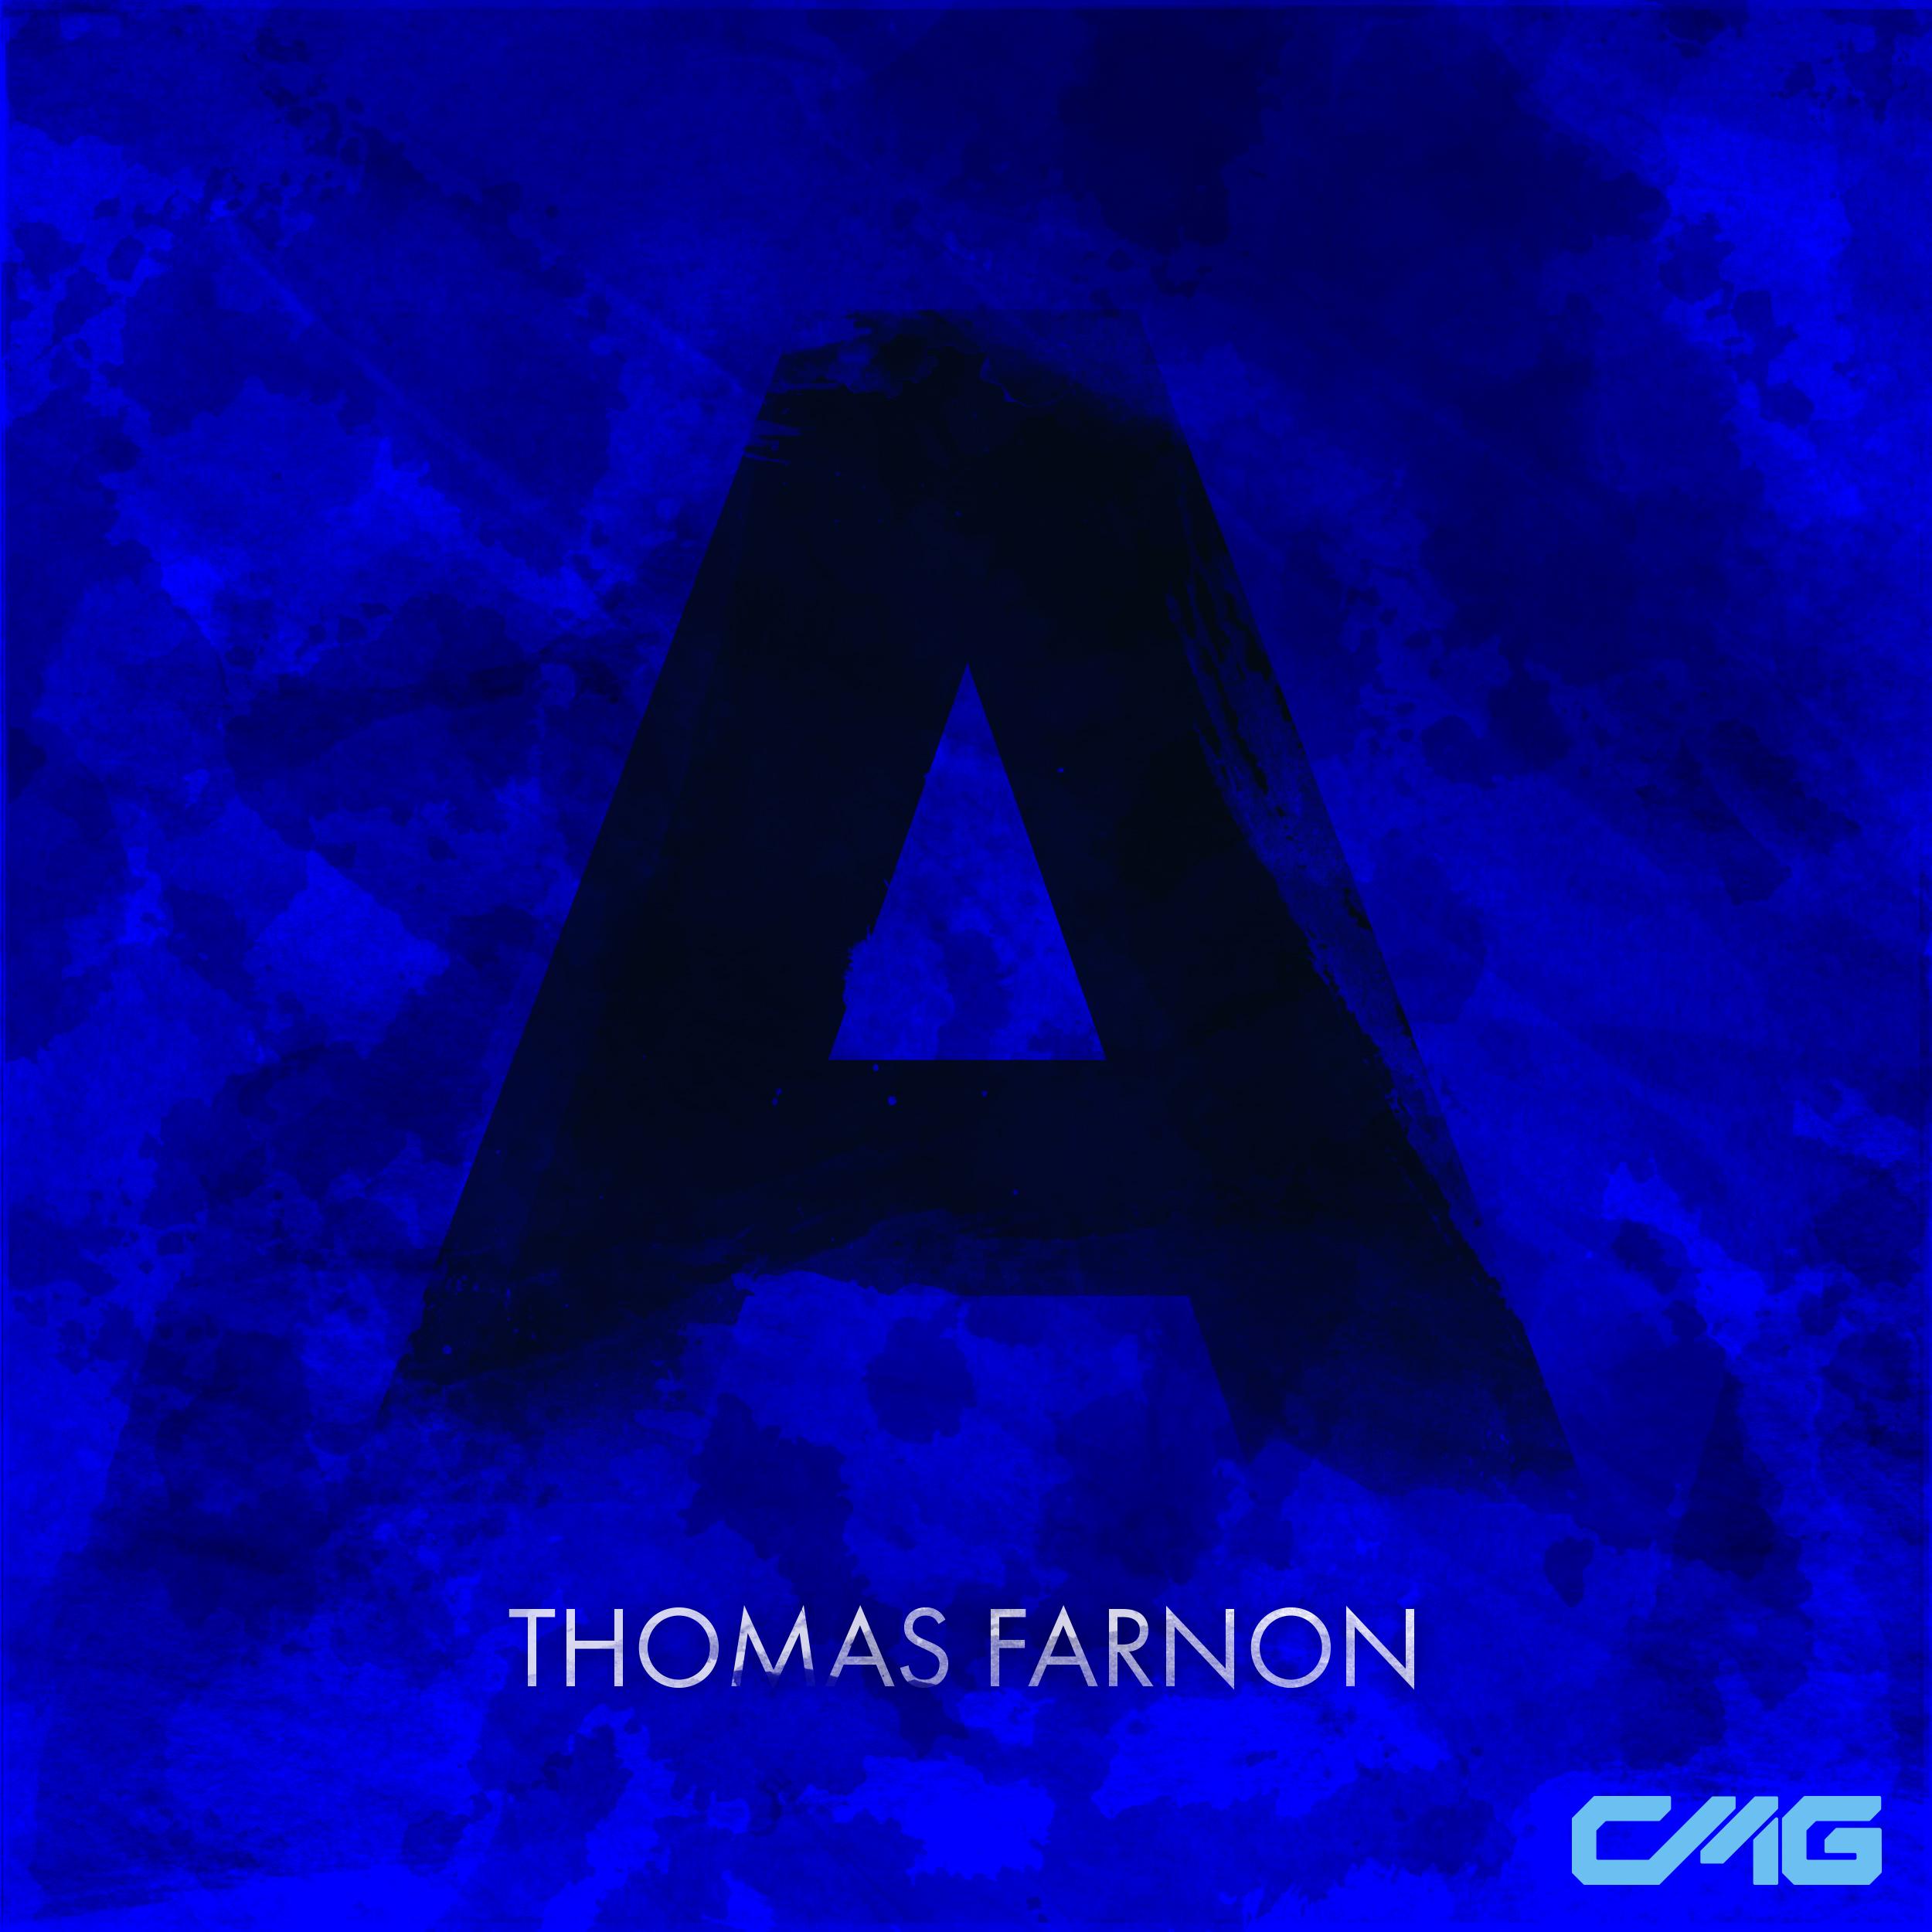 A | Thomas Farnon (2018) -